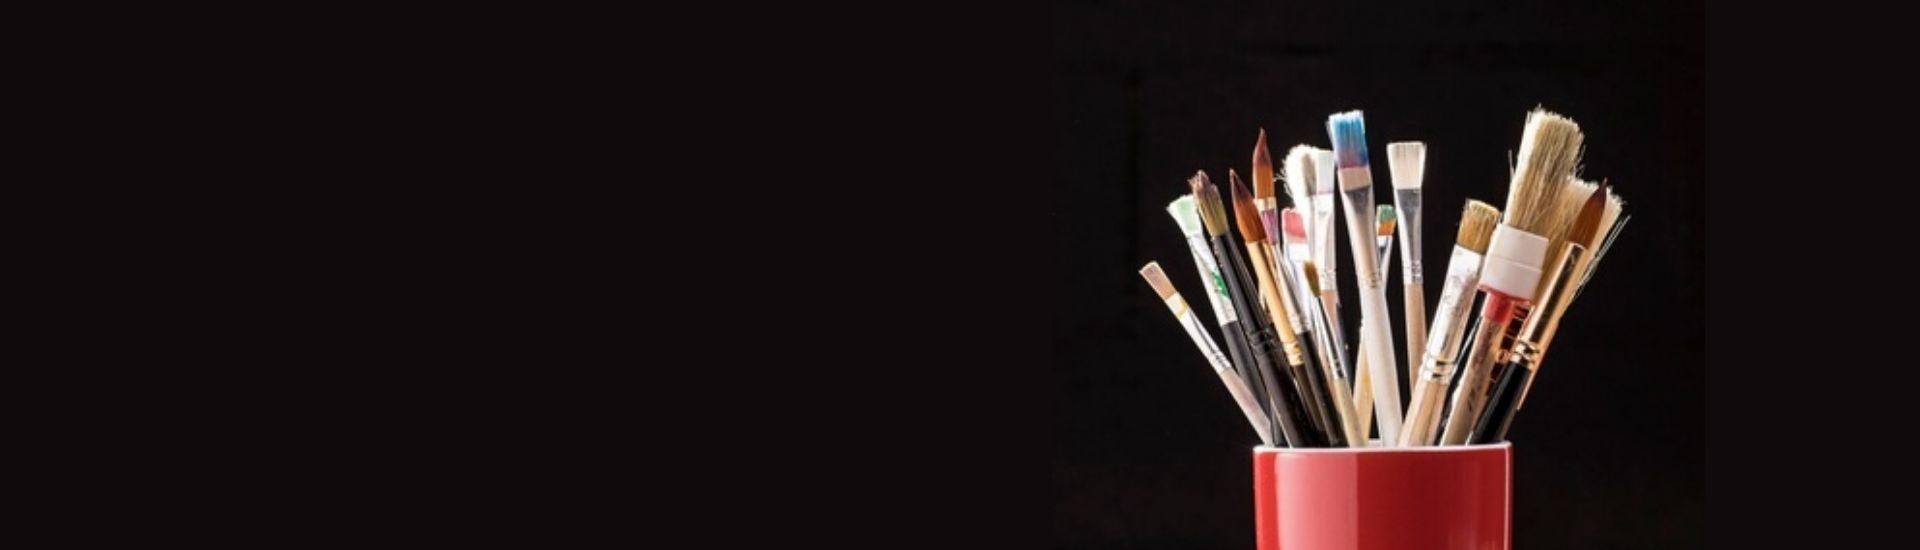 Foto de vaso lleno de pinceles